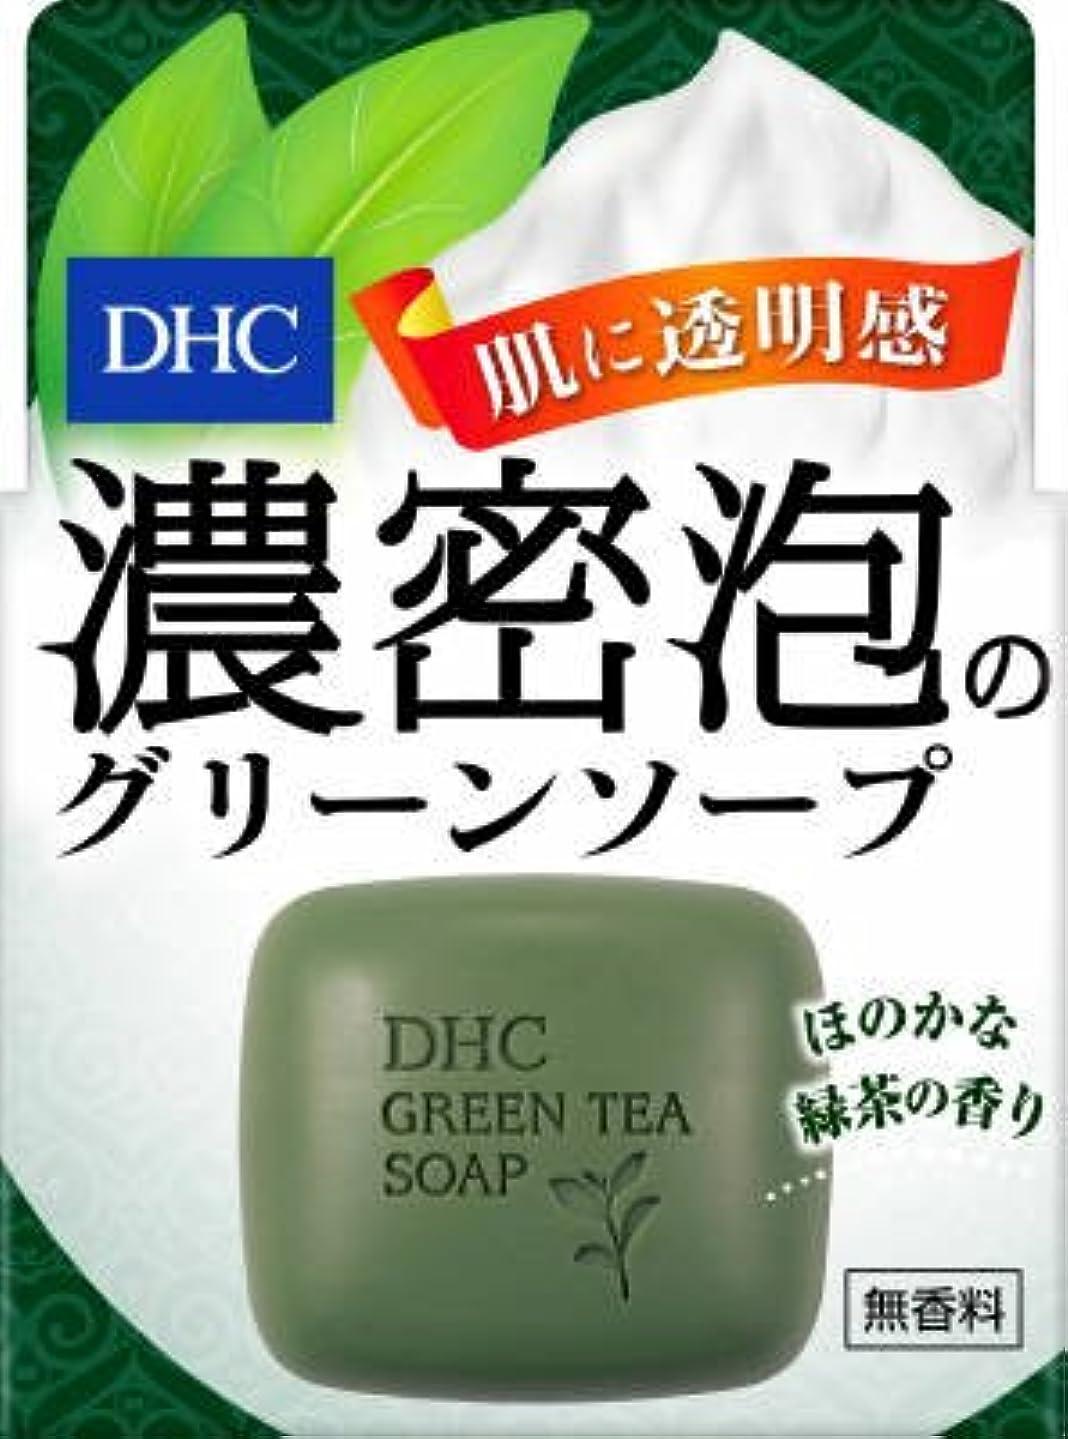 演劇火山のインフラDHCグリーンソープ(SS)60g 国産茶葉使用の洗顔石鹸 緑茶石けん(DHC人気79位)×30点セット (4511413306826)